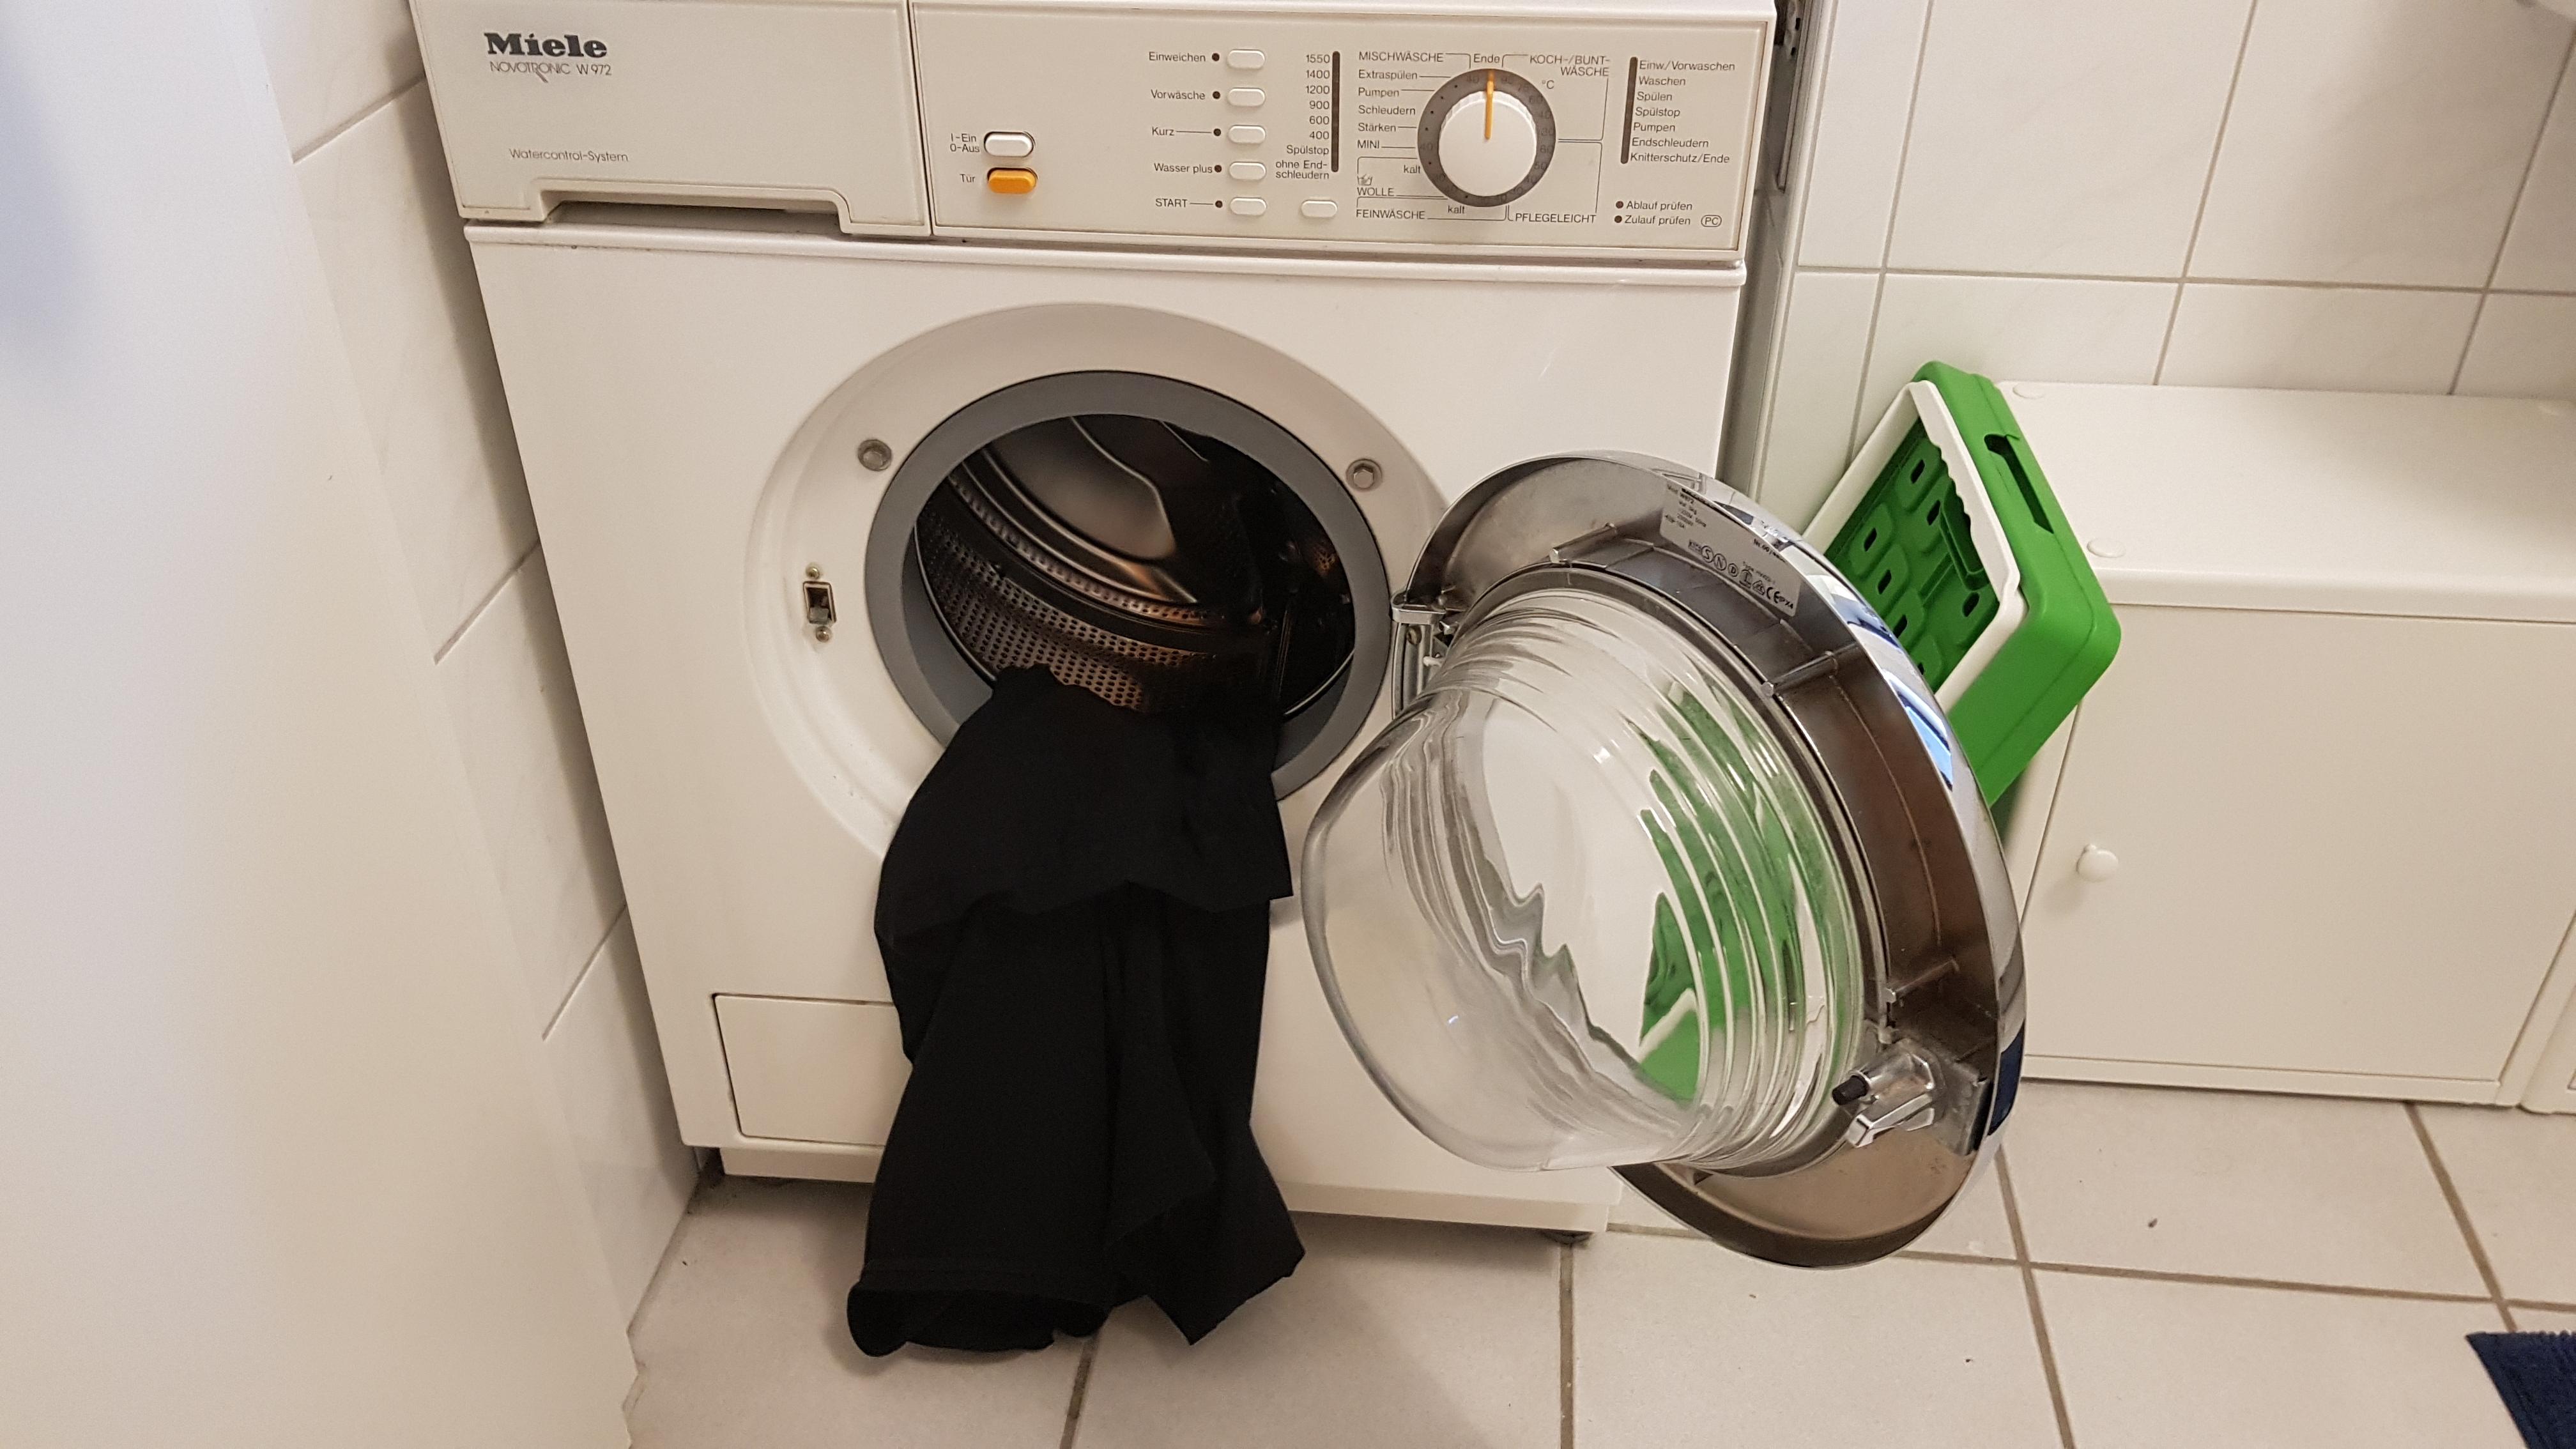 miele-waschmaschine-pullovern